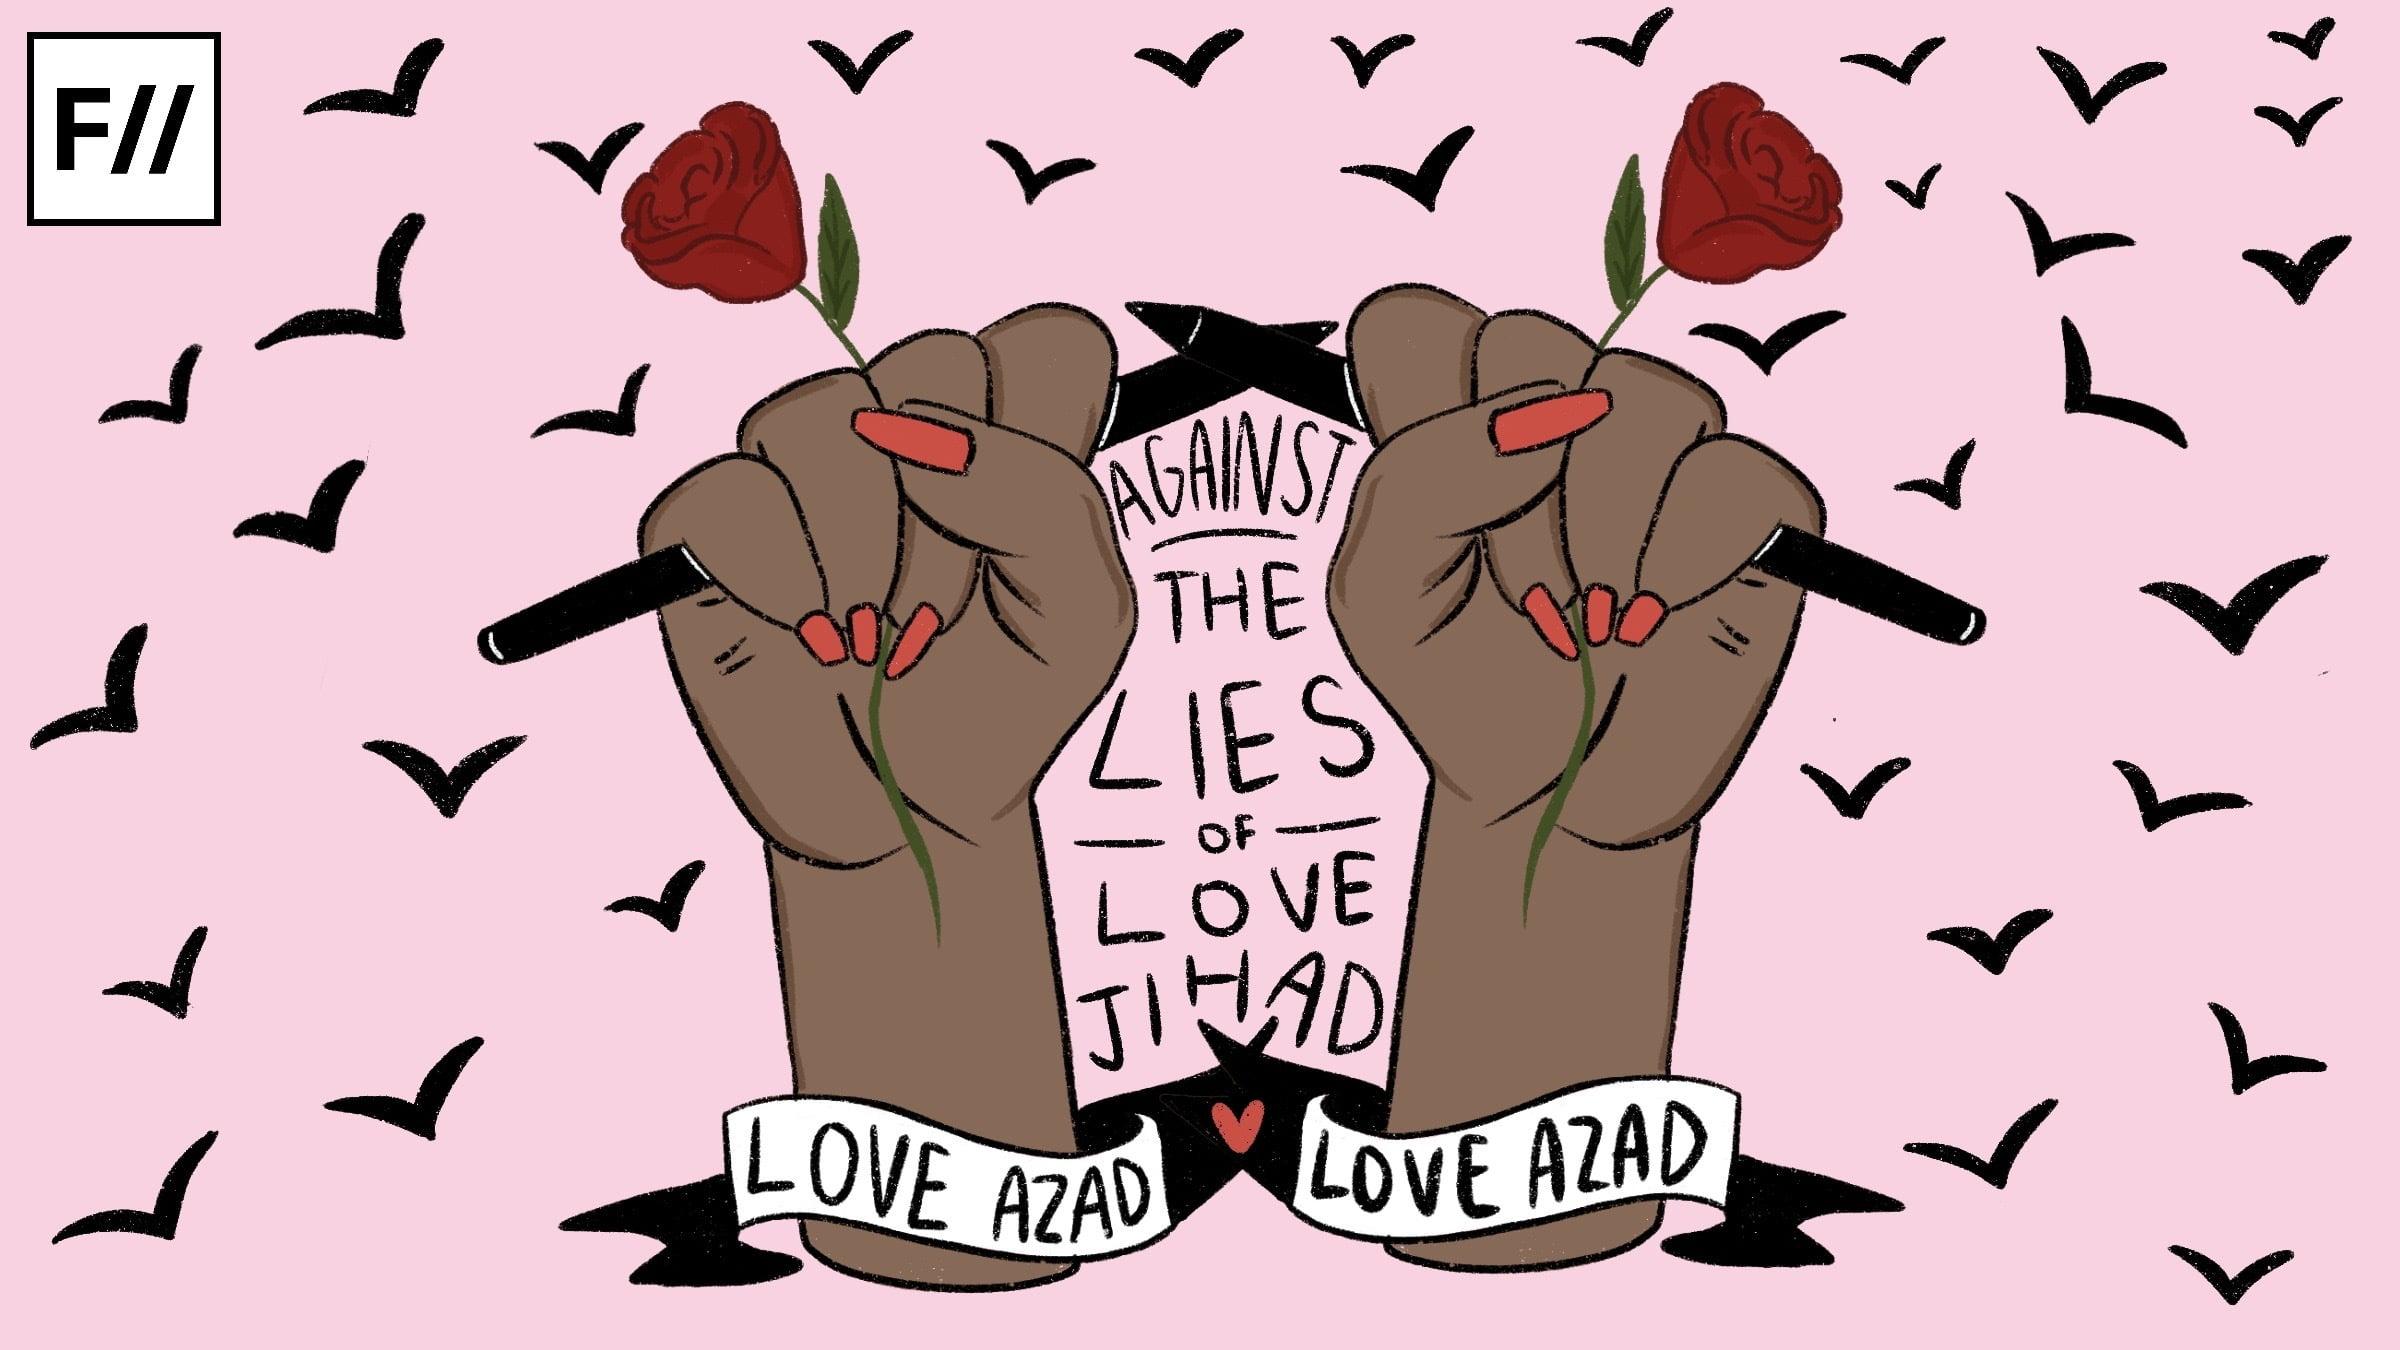 Love Azad: A Rising Campaign Against 'Love Jihad'